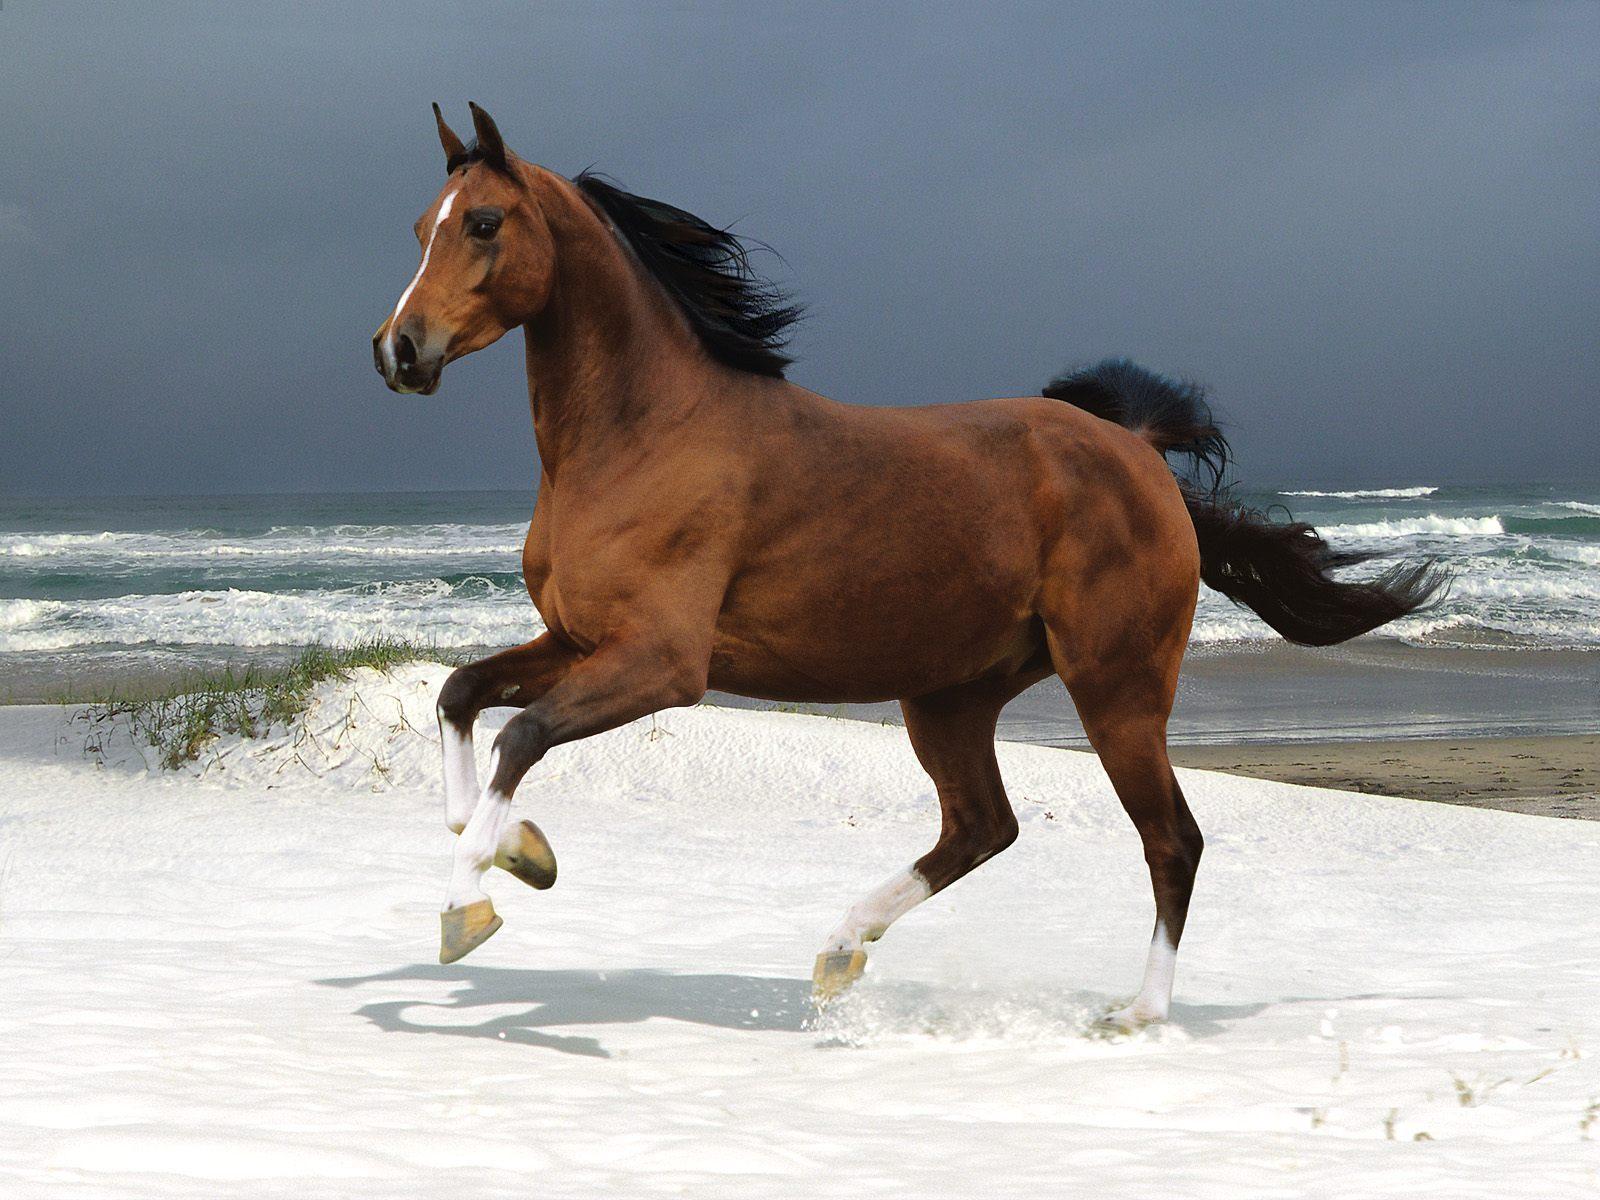 بالصور صور خيول , اجمل واروع خيول العالم 1255 4